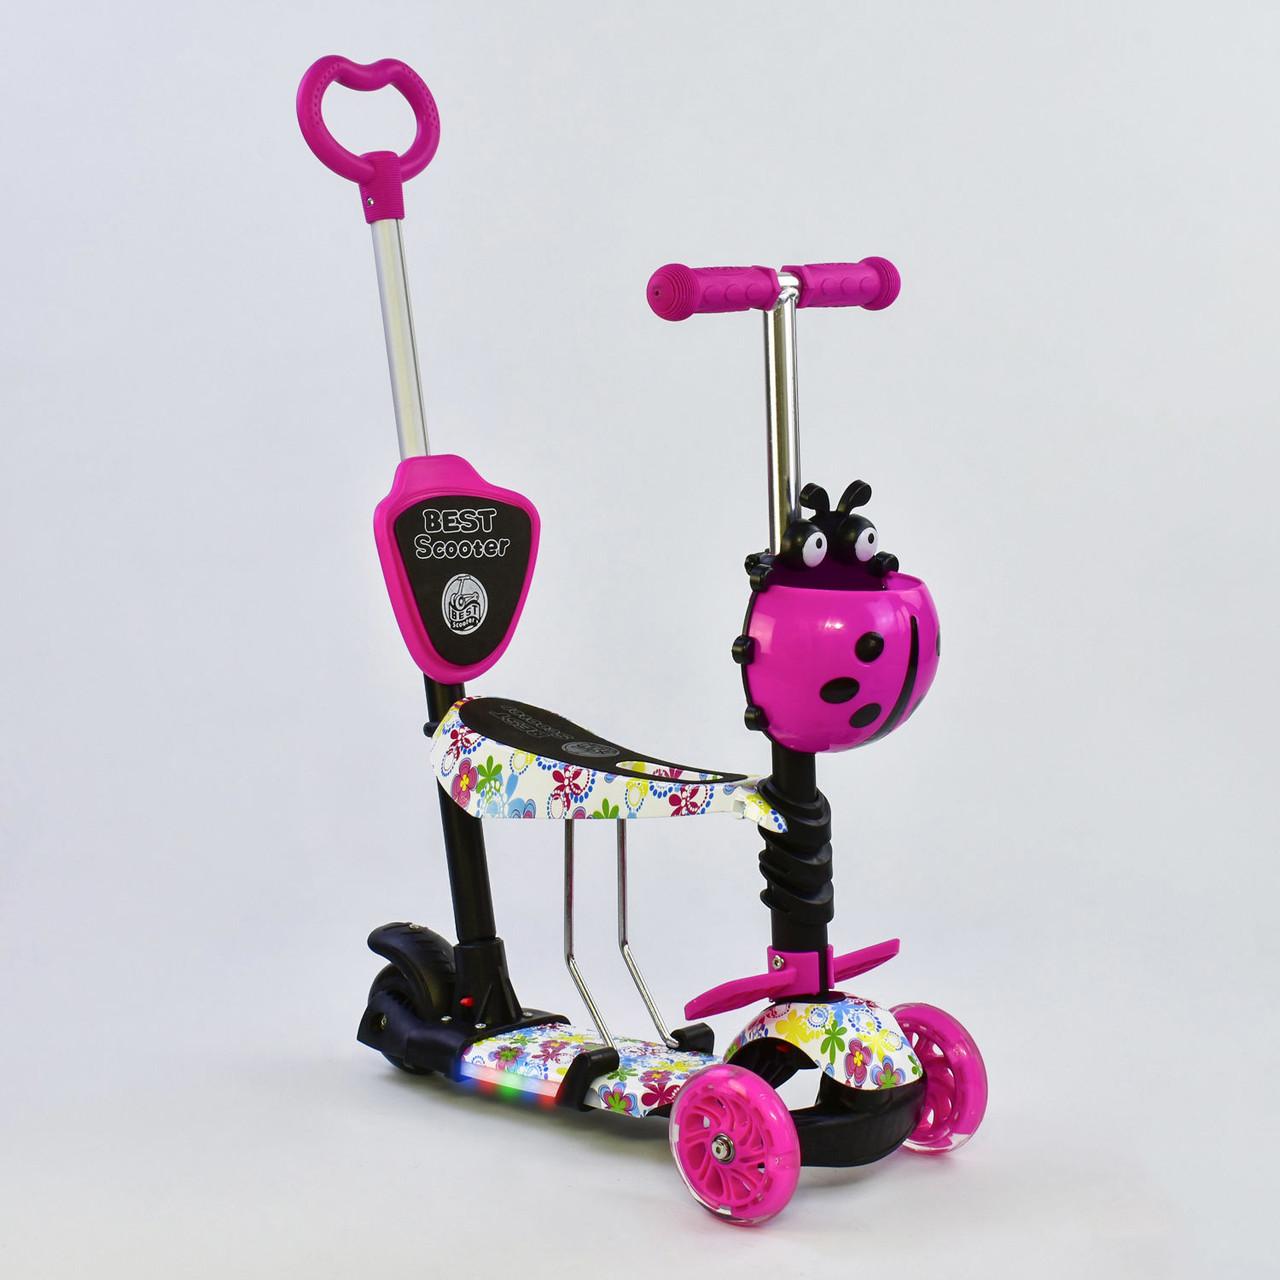 Самокат 5в1 Best Scooter 70102 PU колеса Гарантия качества Быстрая доставка